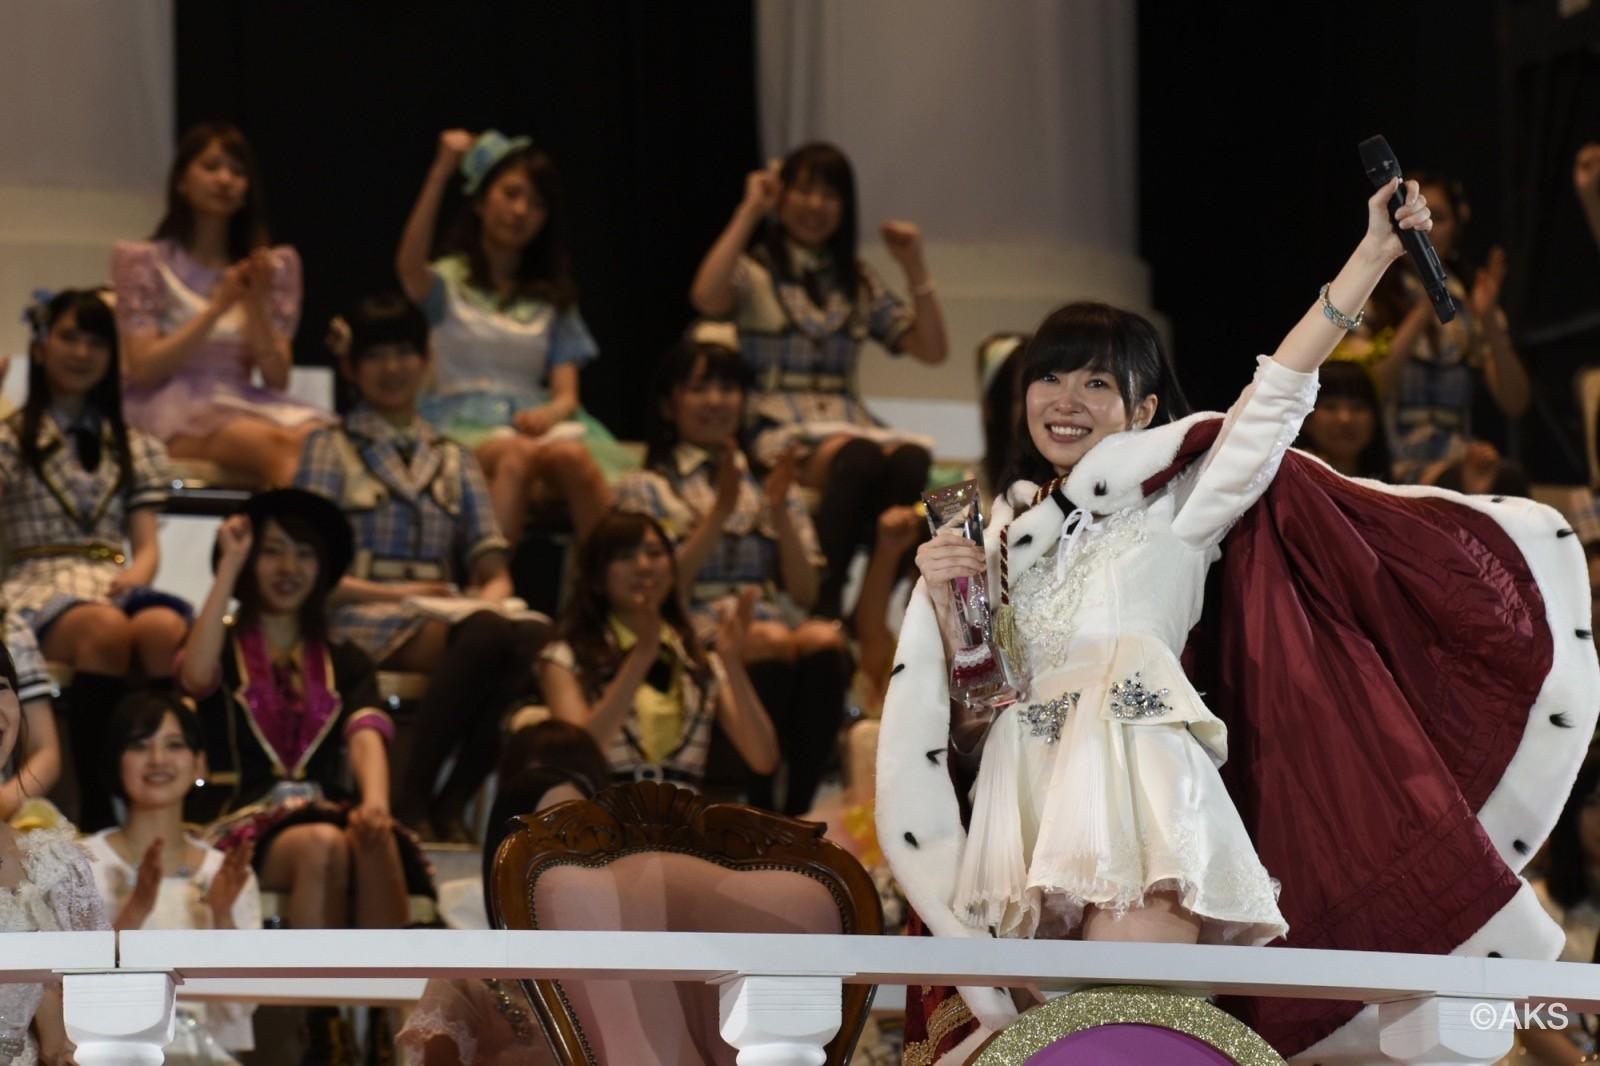 Được cầm chiếc cúp, khoác áo choàng, ngồi trên ngai vàng là mơ ước của bất cứ cô gái nào khi bước vào AKB48.